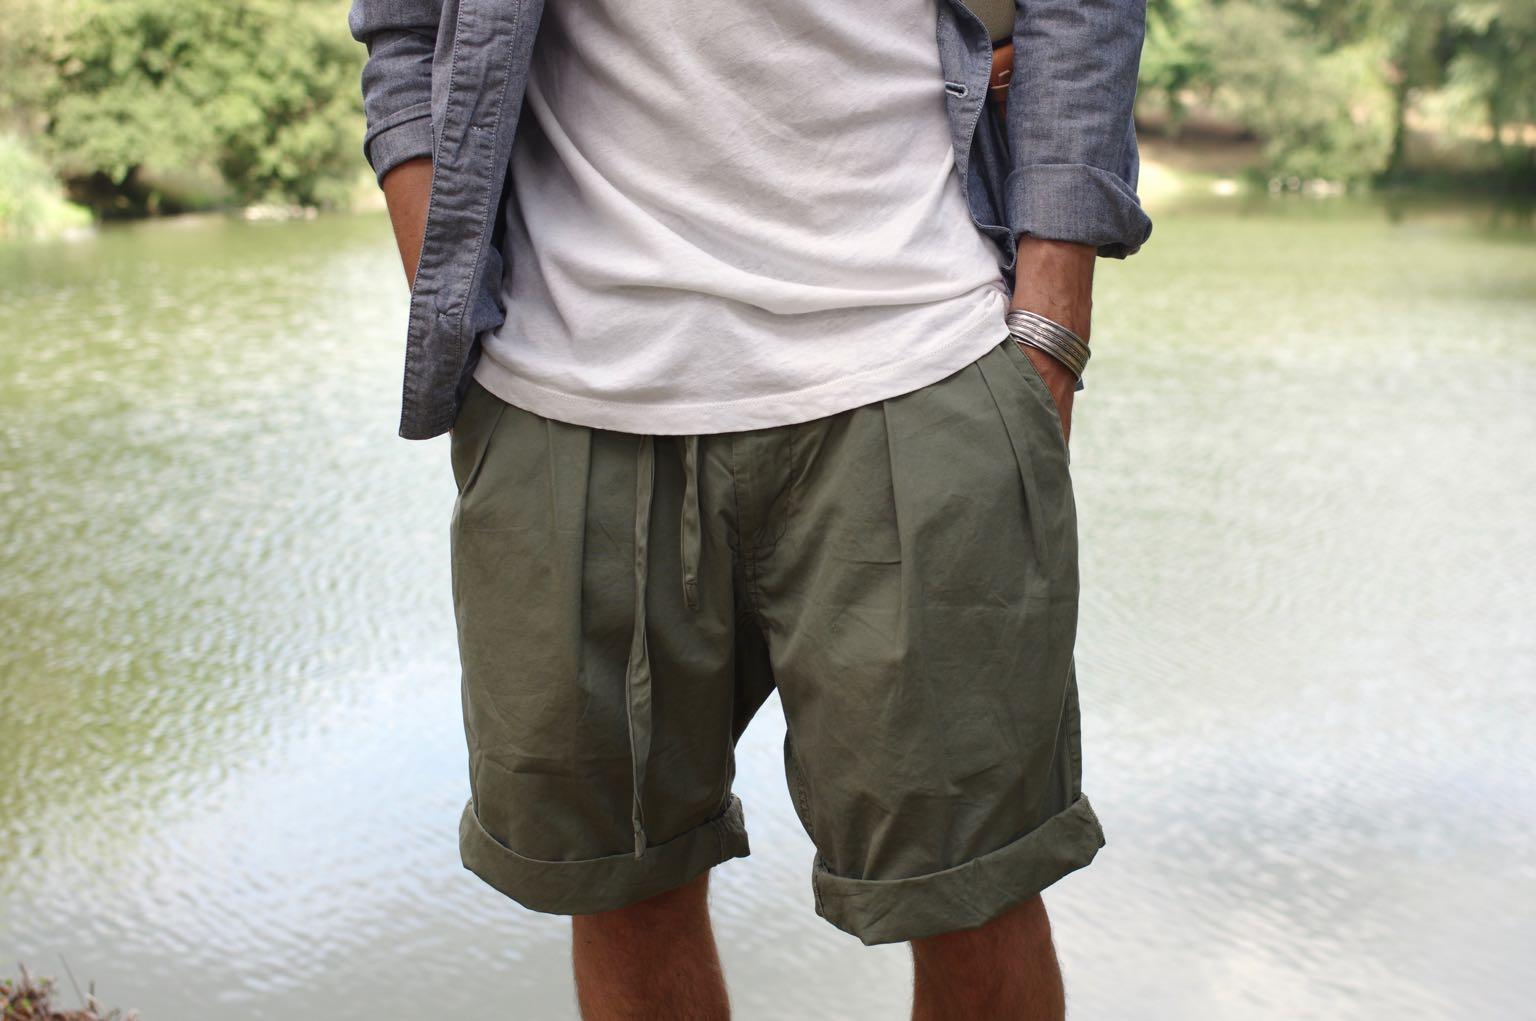 monitaly shorts et comment porter un short ample et large avec style tenue homme